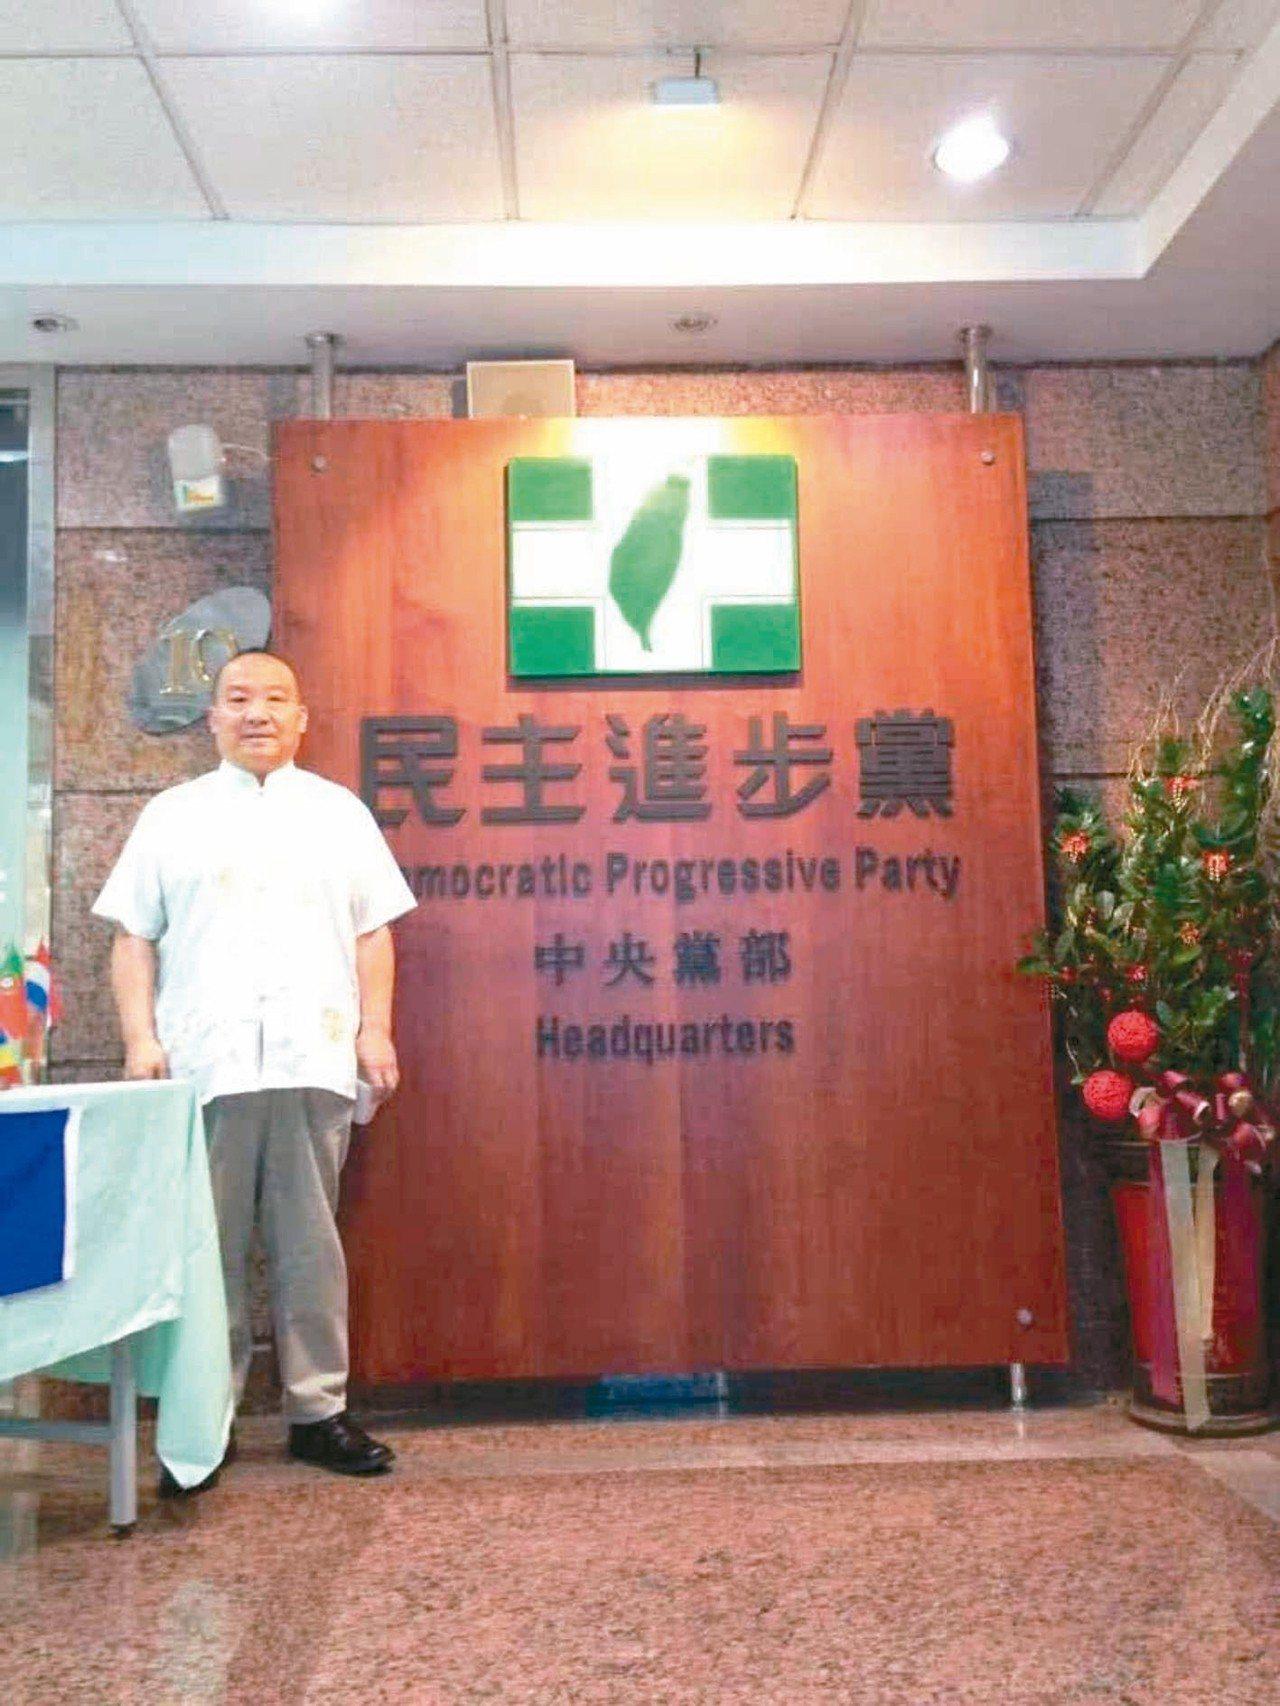 大陸學者李毅在微信朋友圈宣稱,他曾拜訪民進黨黨部,並與「民進黨中央有關負責人」長...